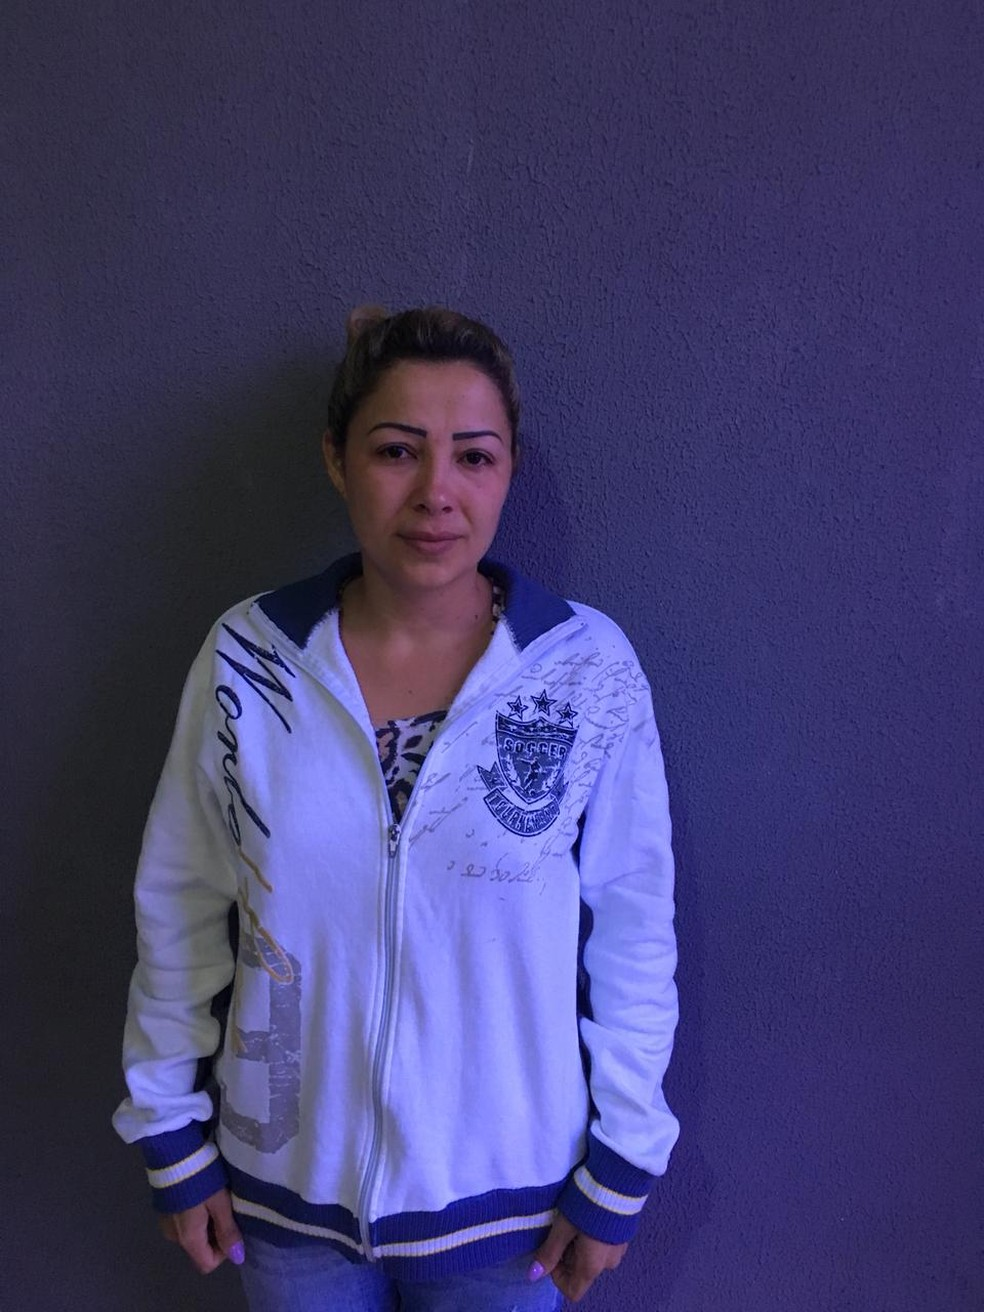 Cléia Rosa dos Santos, de 35 anos, foi presa após o crime — Foto: Polícia Civil/Divulgação